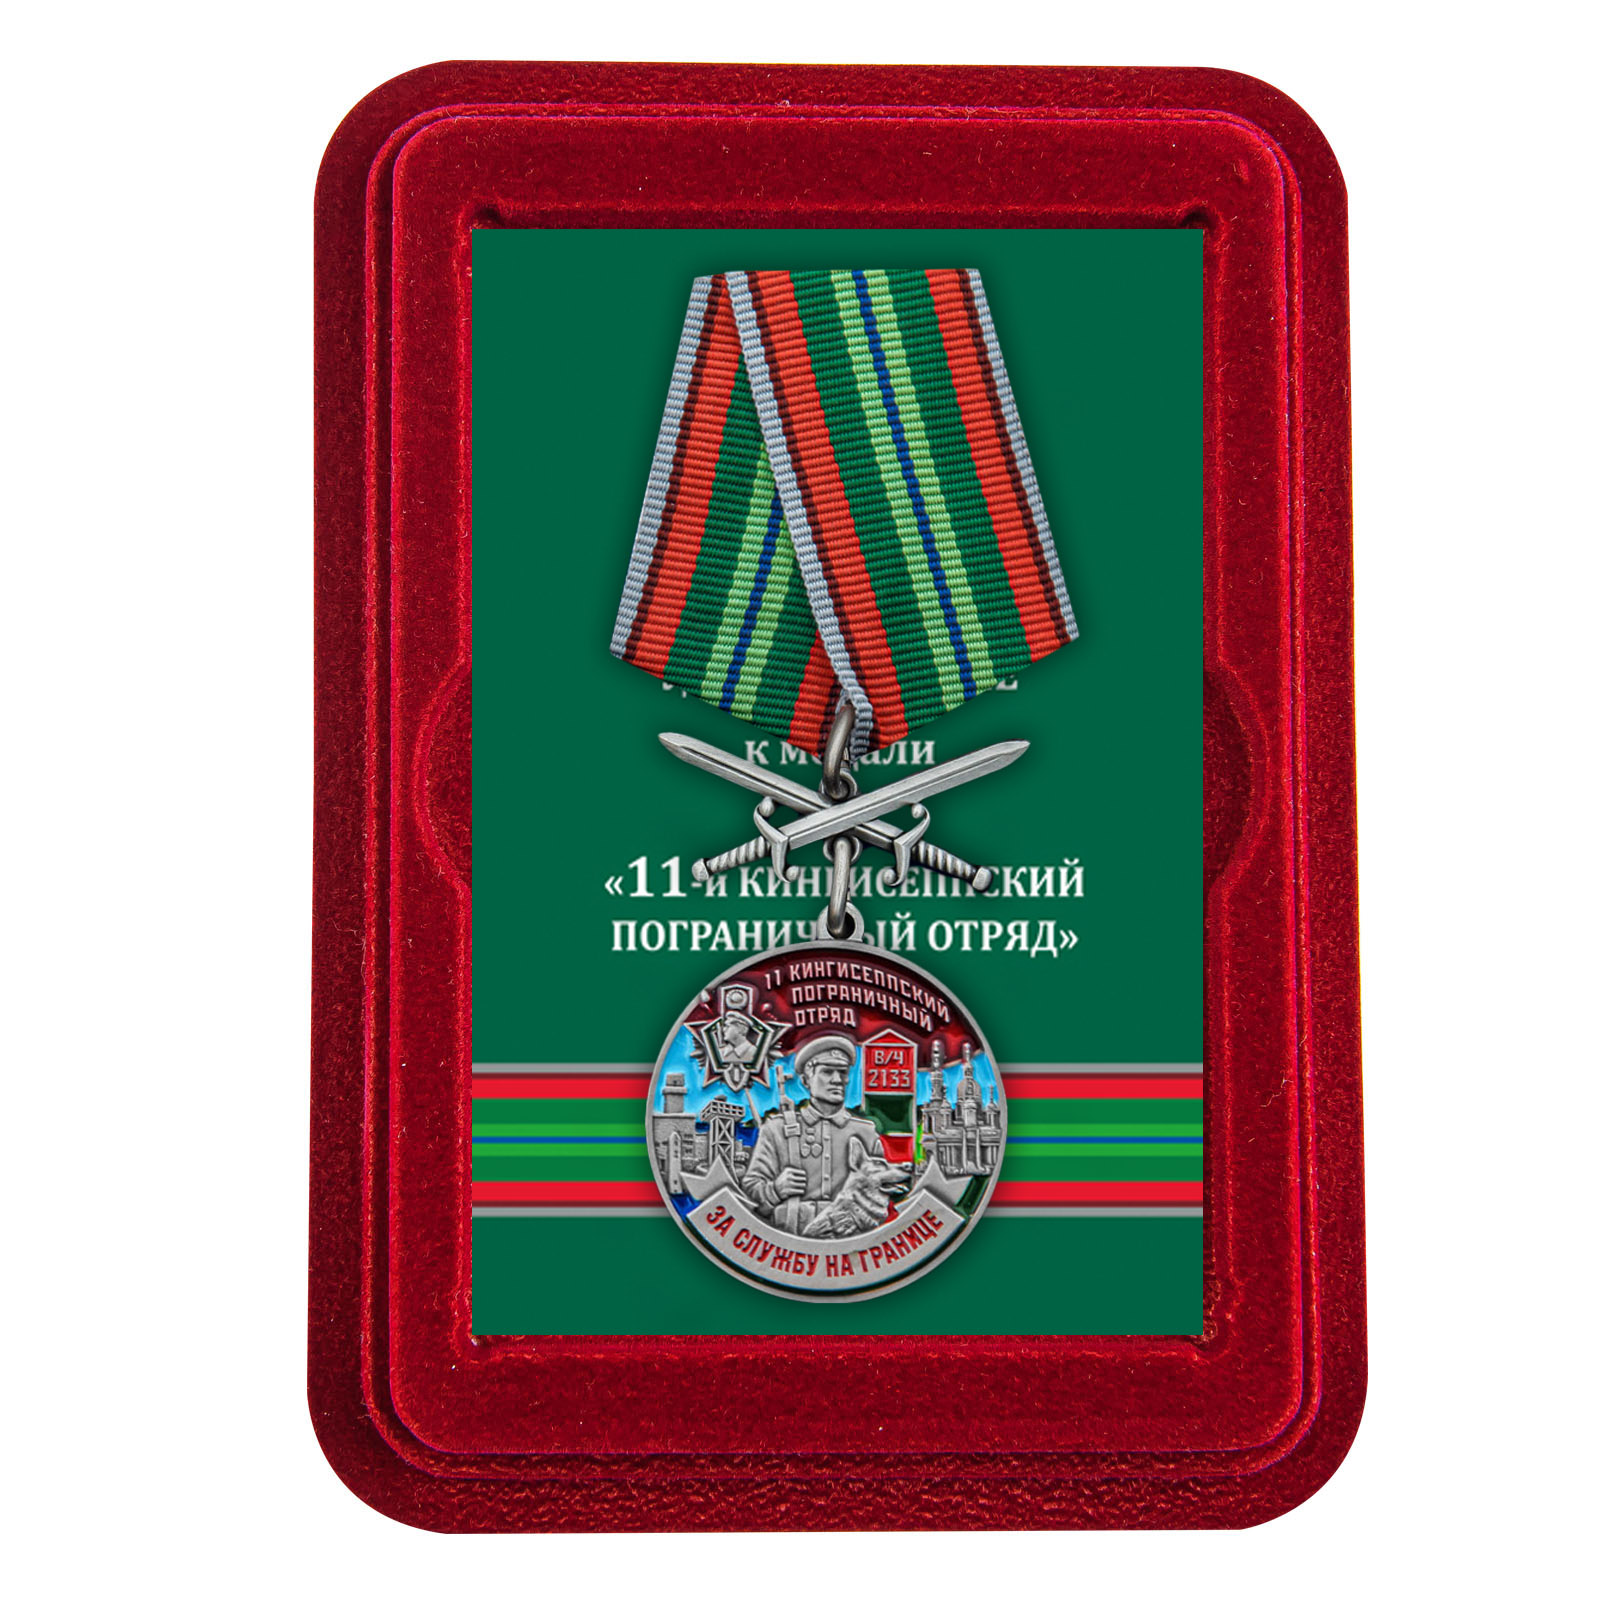 Латунная медаль За службу в Кингисеппском пограничном отряде - в футляре